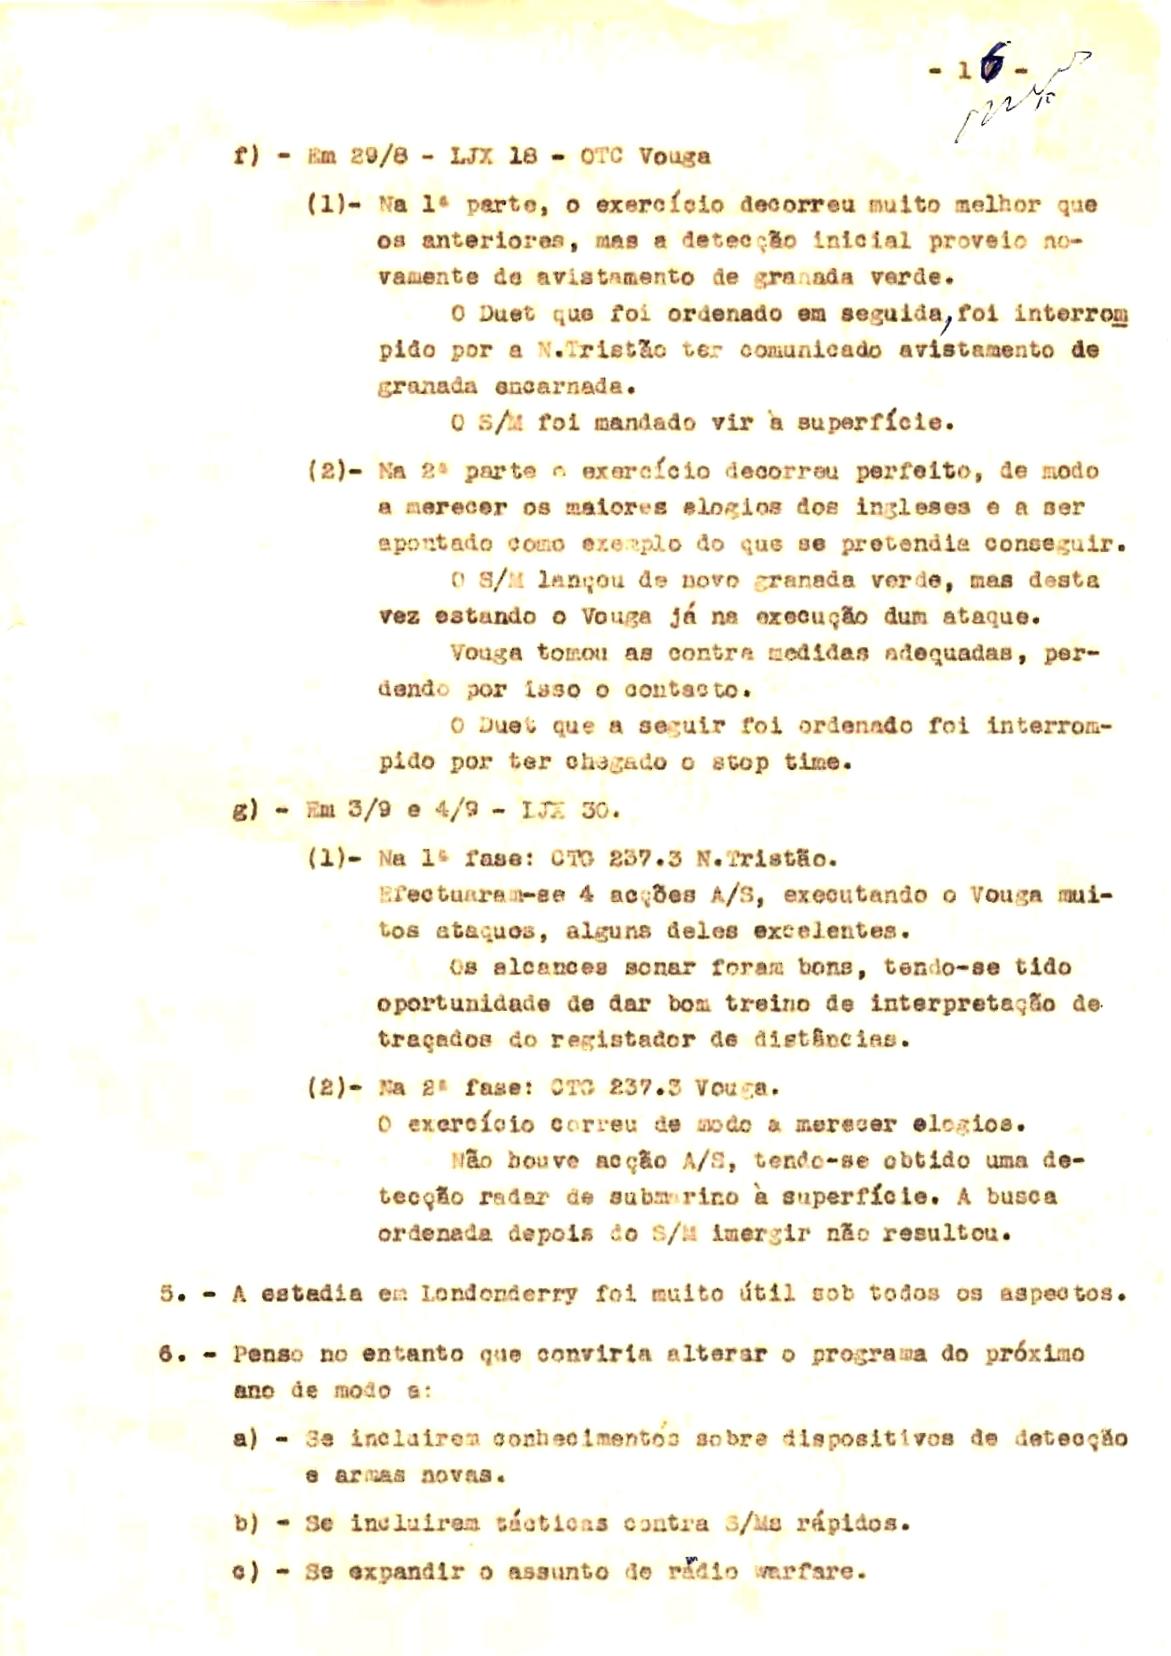 00353 57-10-21 cópia do Relatório do Chefe do Serviço de Armas Submarina do CT Vouga 1º Ten Nunes da Silva-16